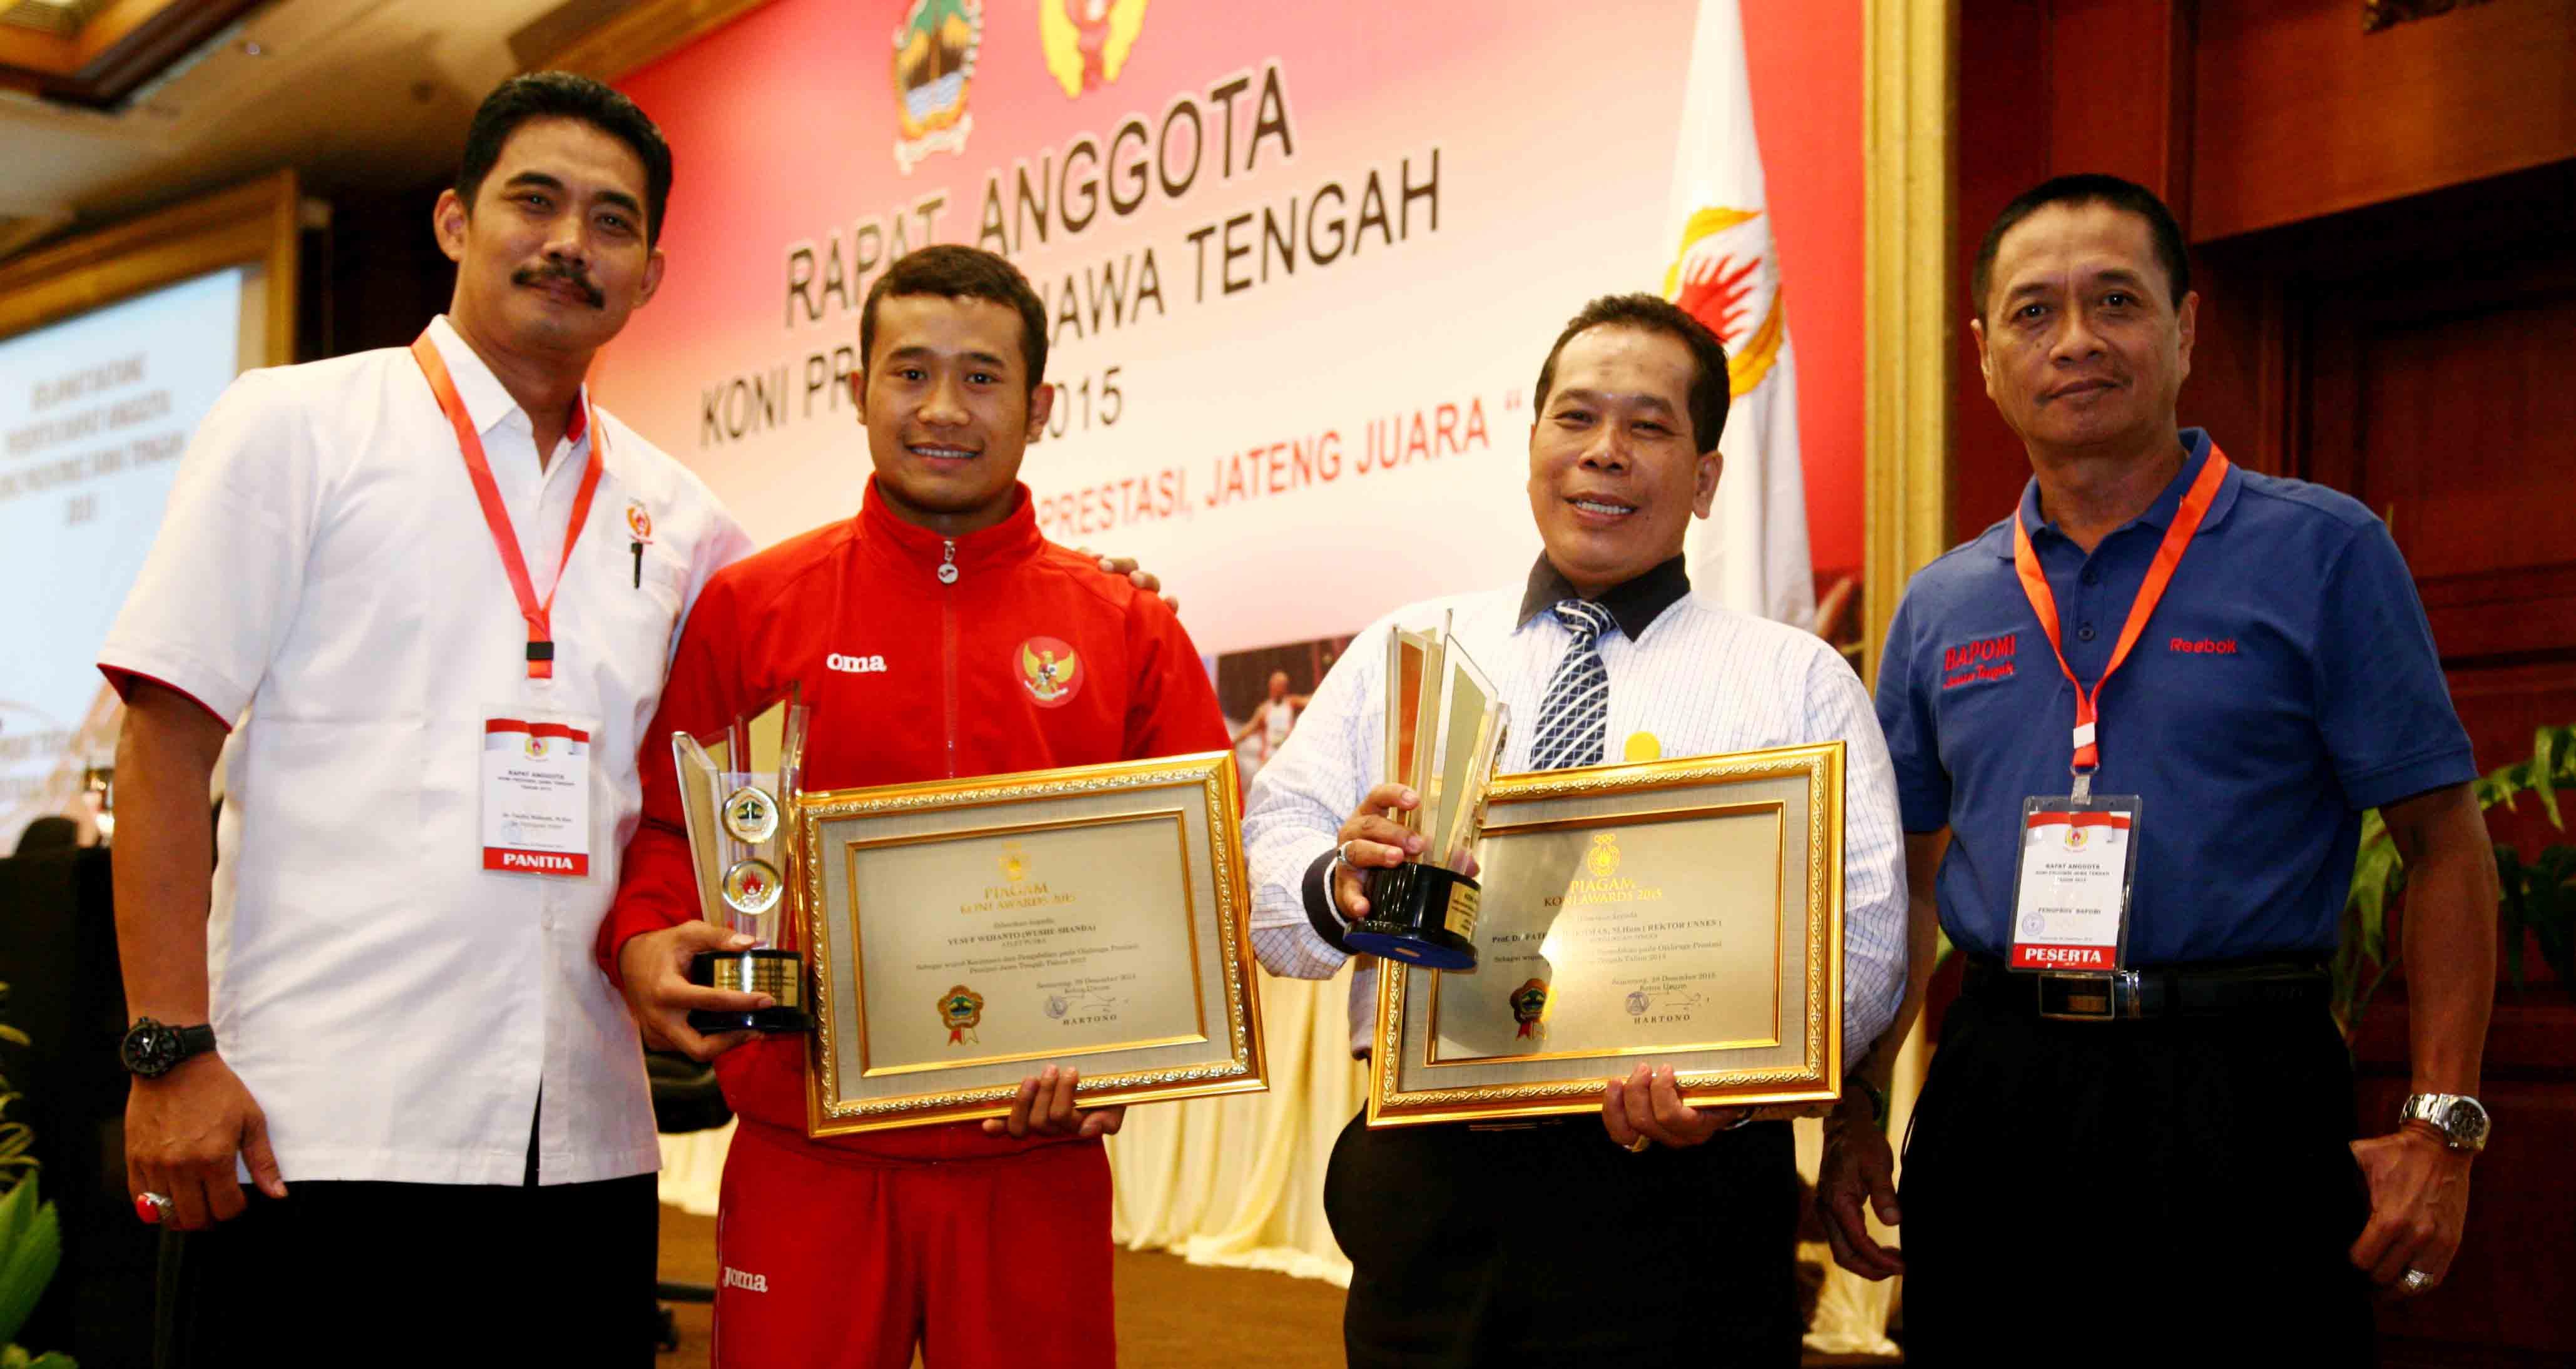 Rektor dan Mahasiswa Unnes Raih KONI Award